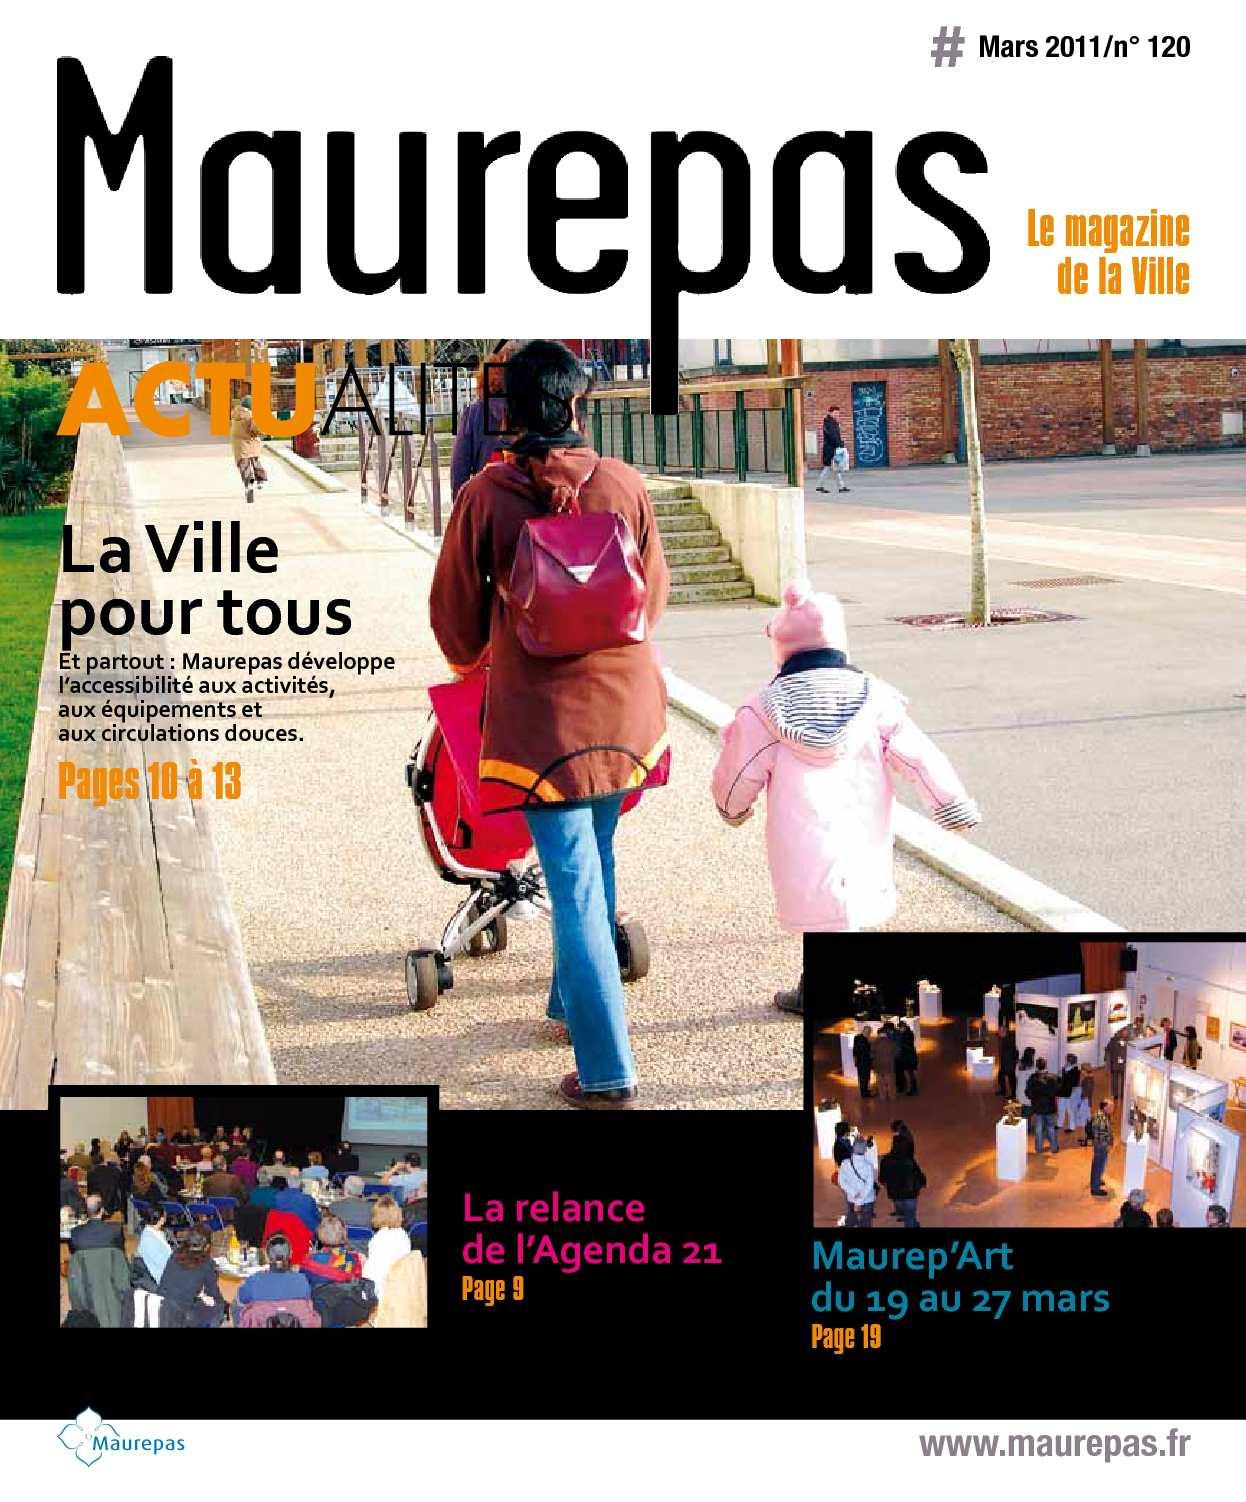 Calam o maurepas actualit s mars 2011 for Piscine maurepas